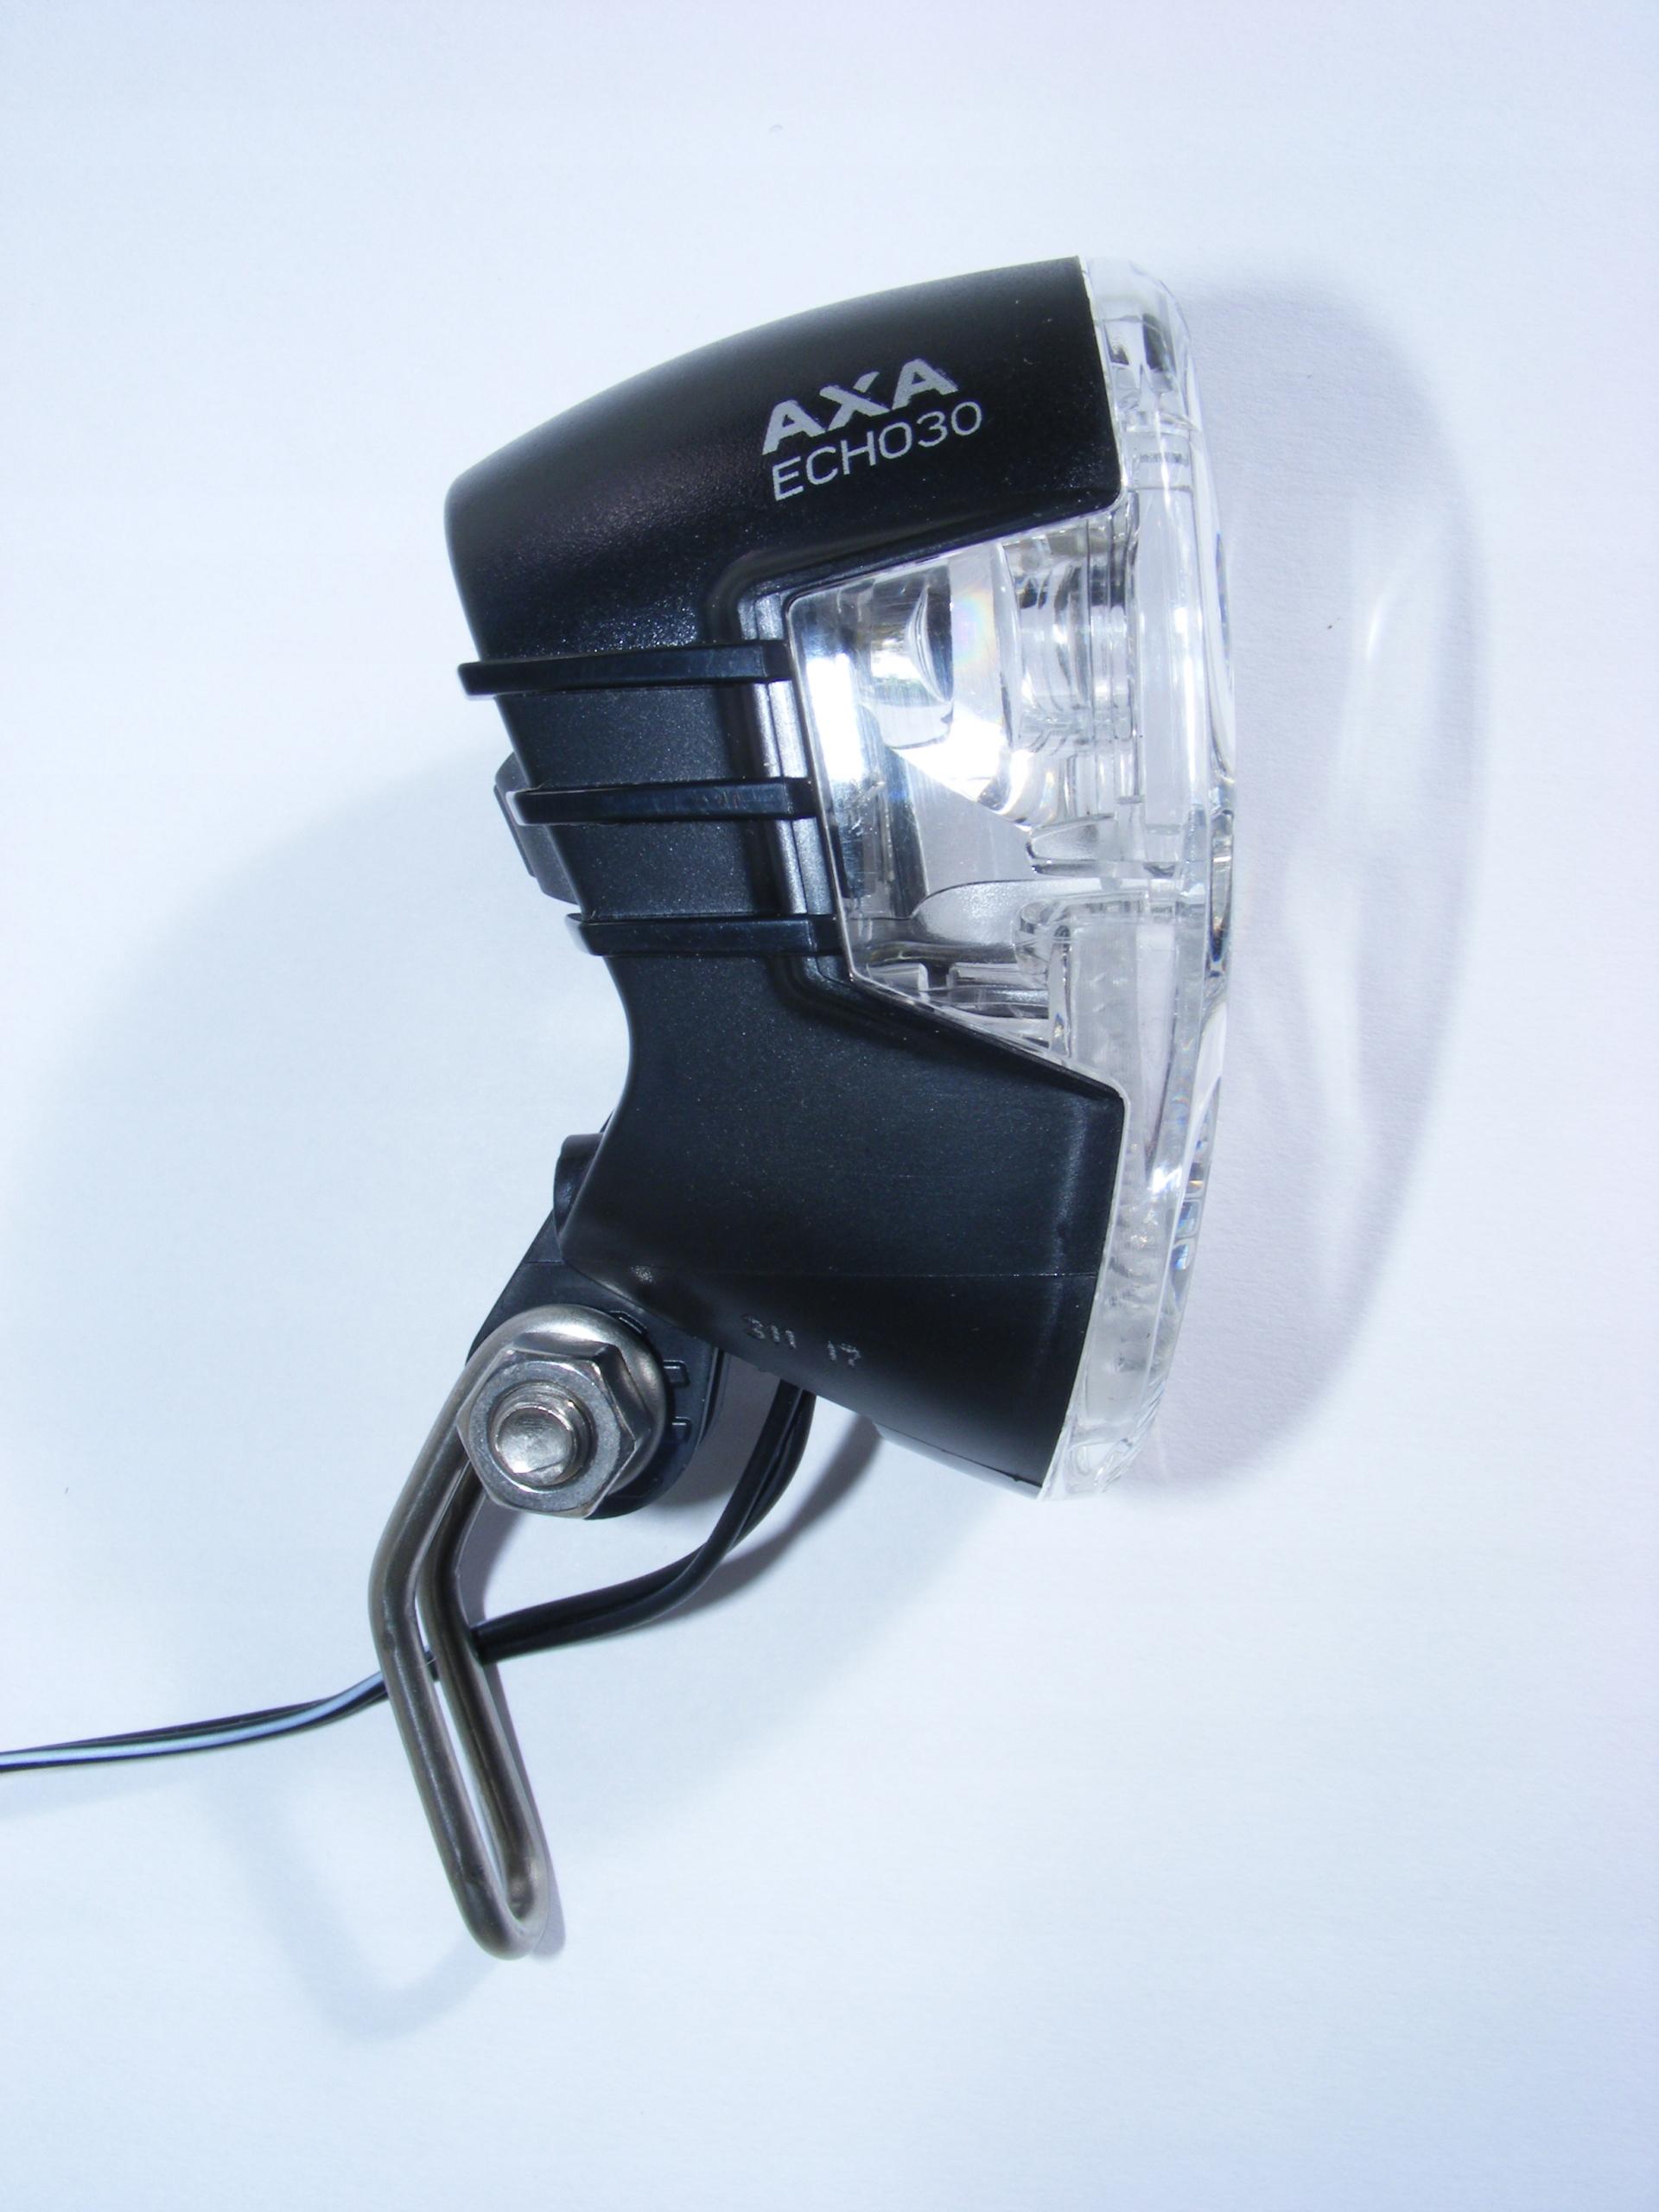 Lampa Axa Echo 30 Przód Dynamo W Piaście Mocna 7586978761